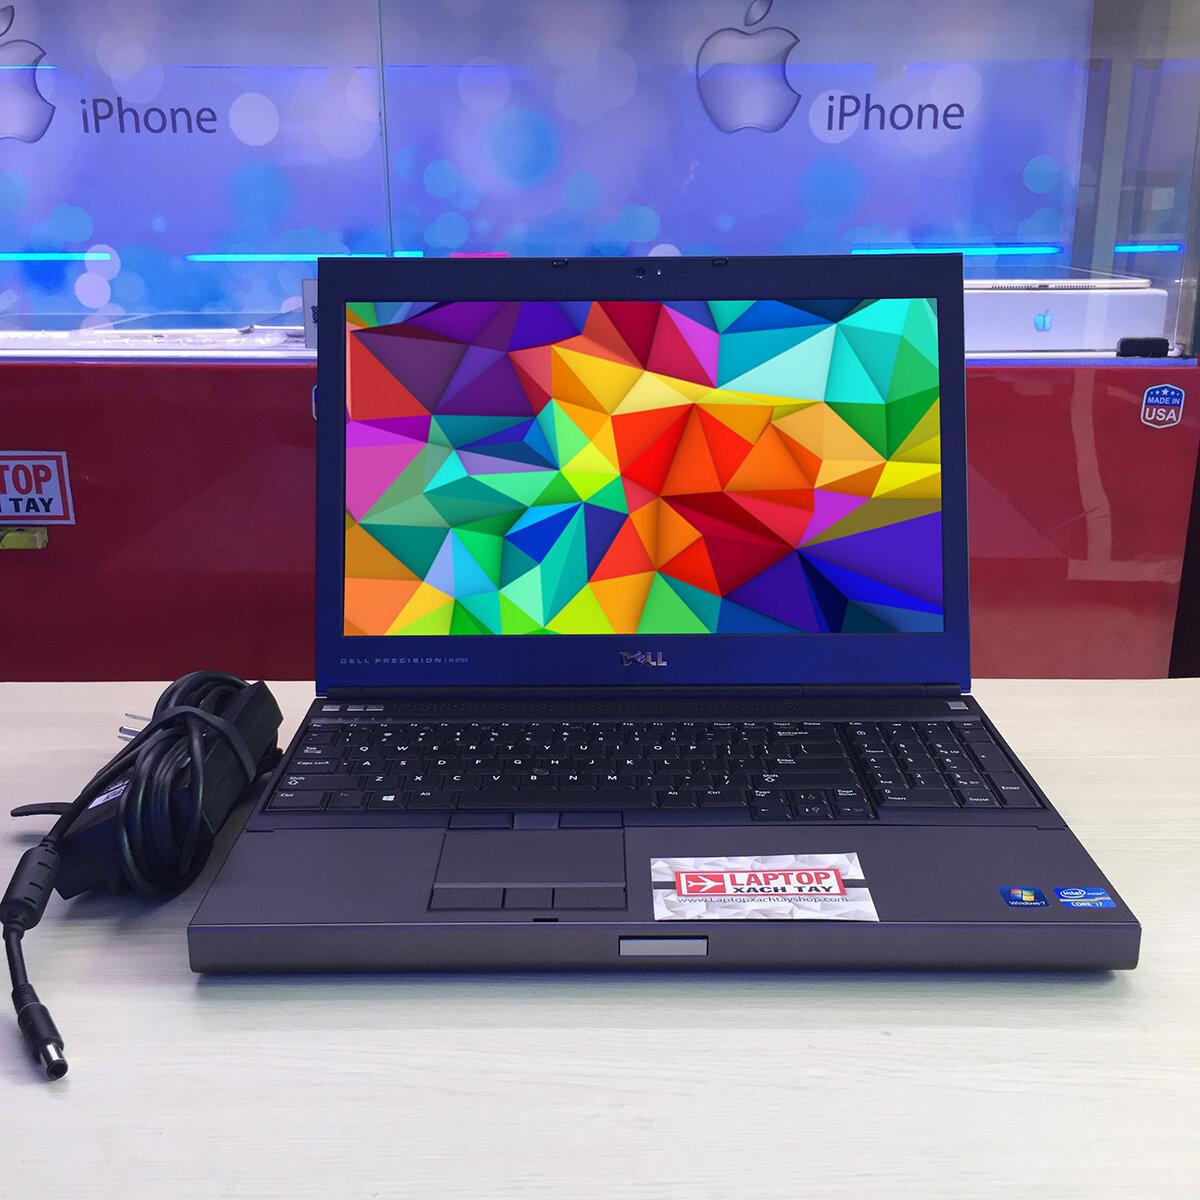 Dell Precision M4700 gây ấn tượng ngay từ vẻ ngoài mạnh mẽ của nó